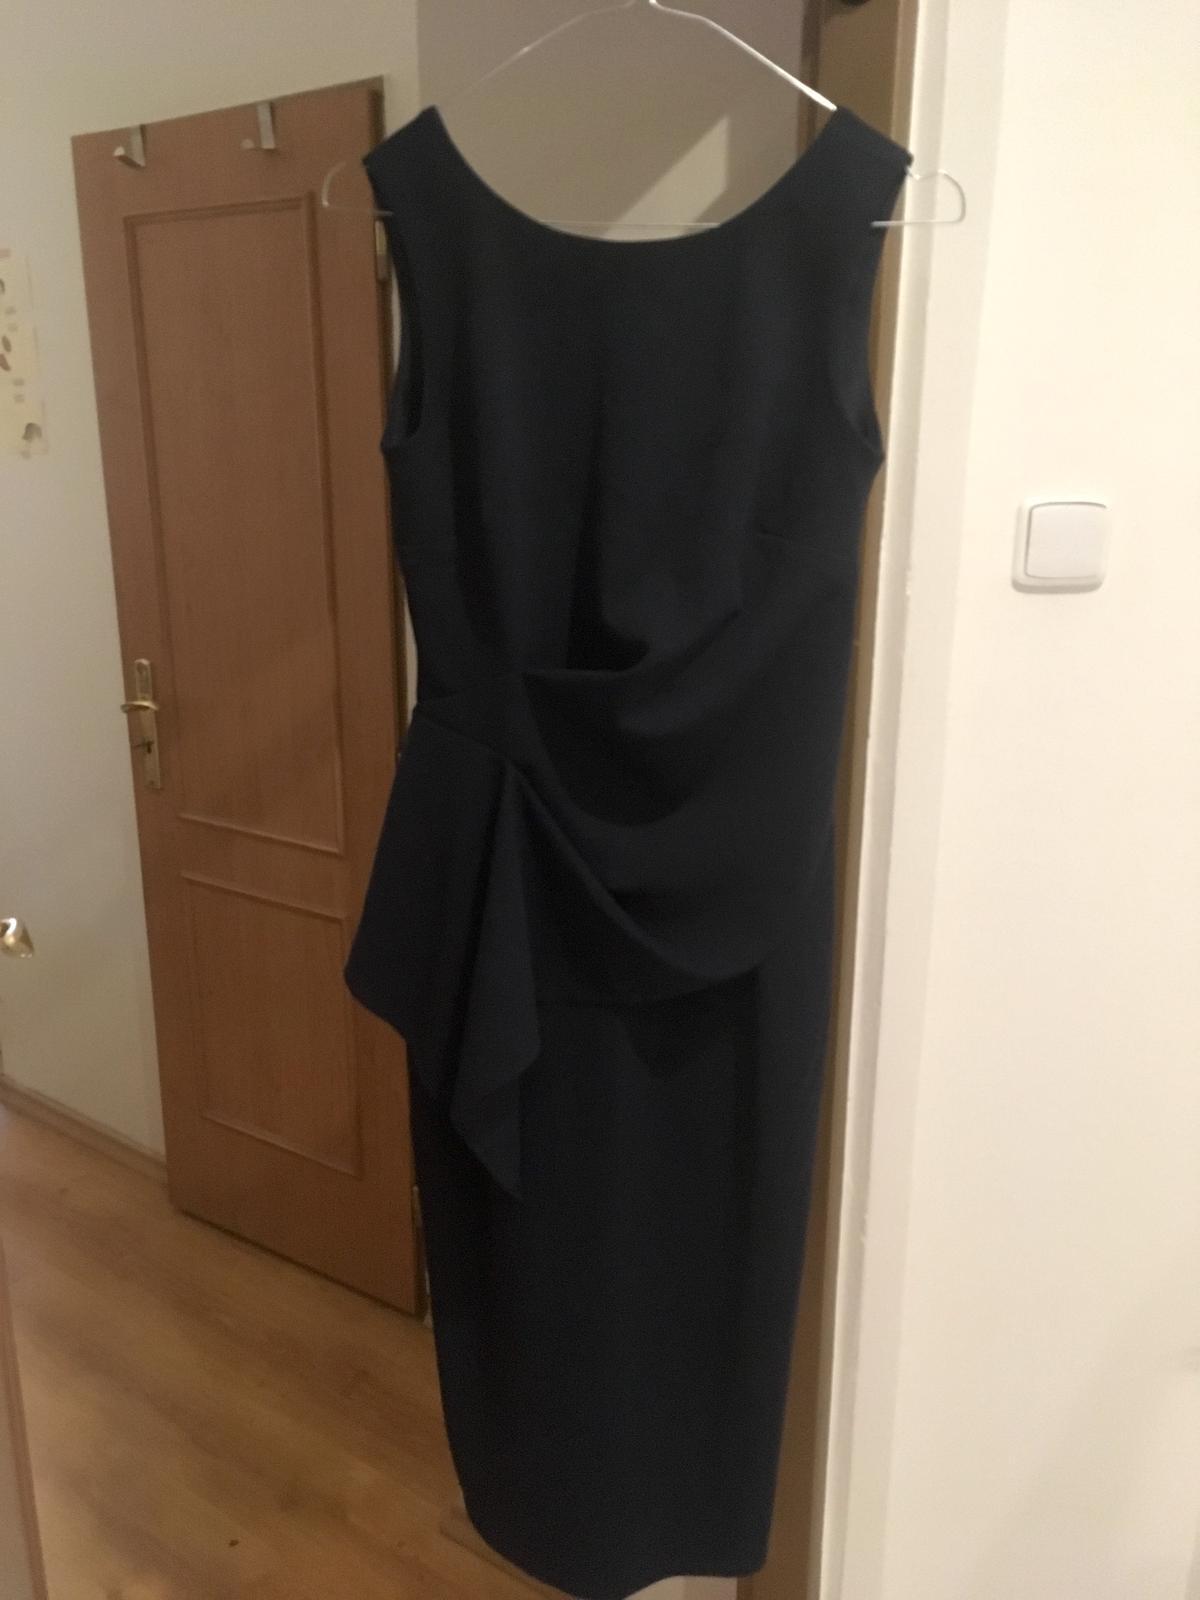 Tmavo modré puzdrové šaty Dorothy Perkins - 36 - Obrázok č. 4